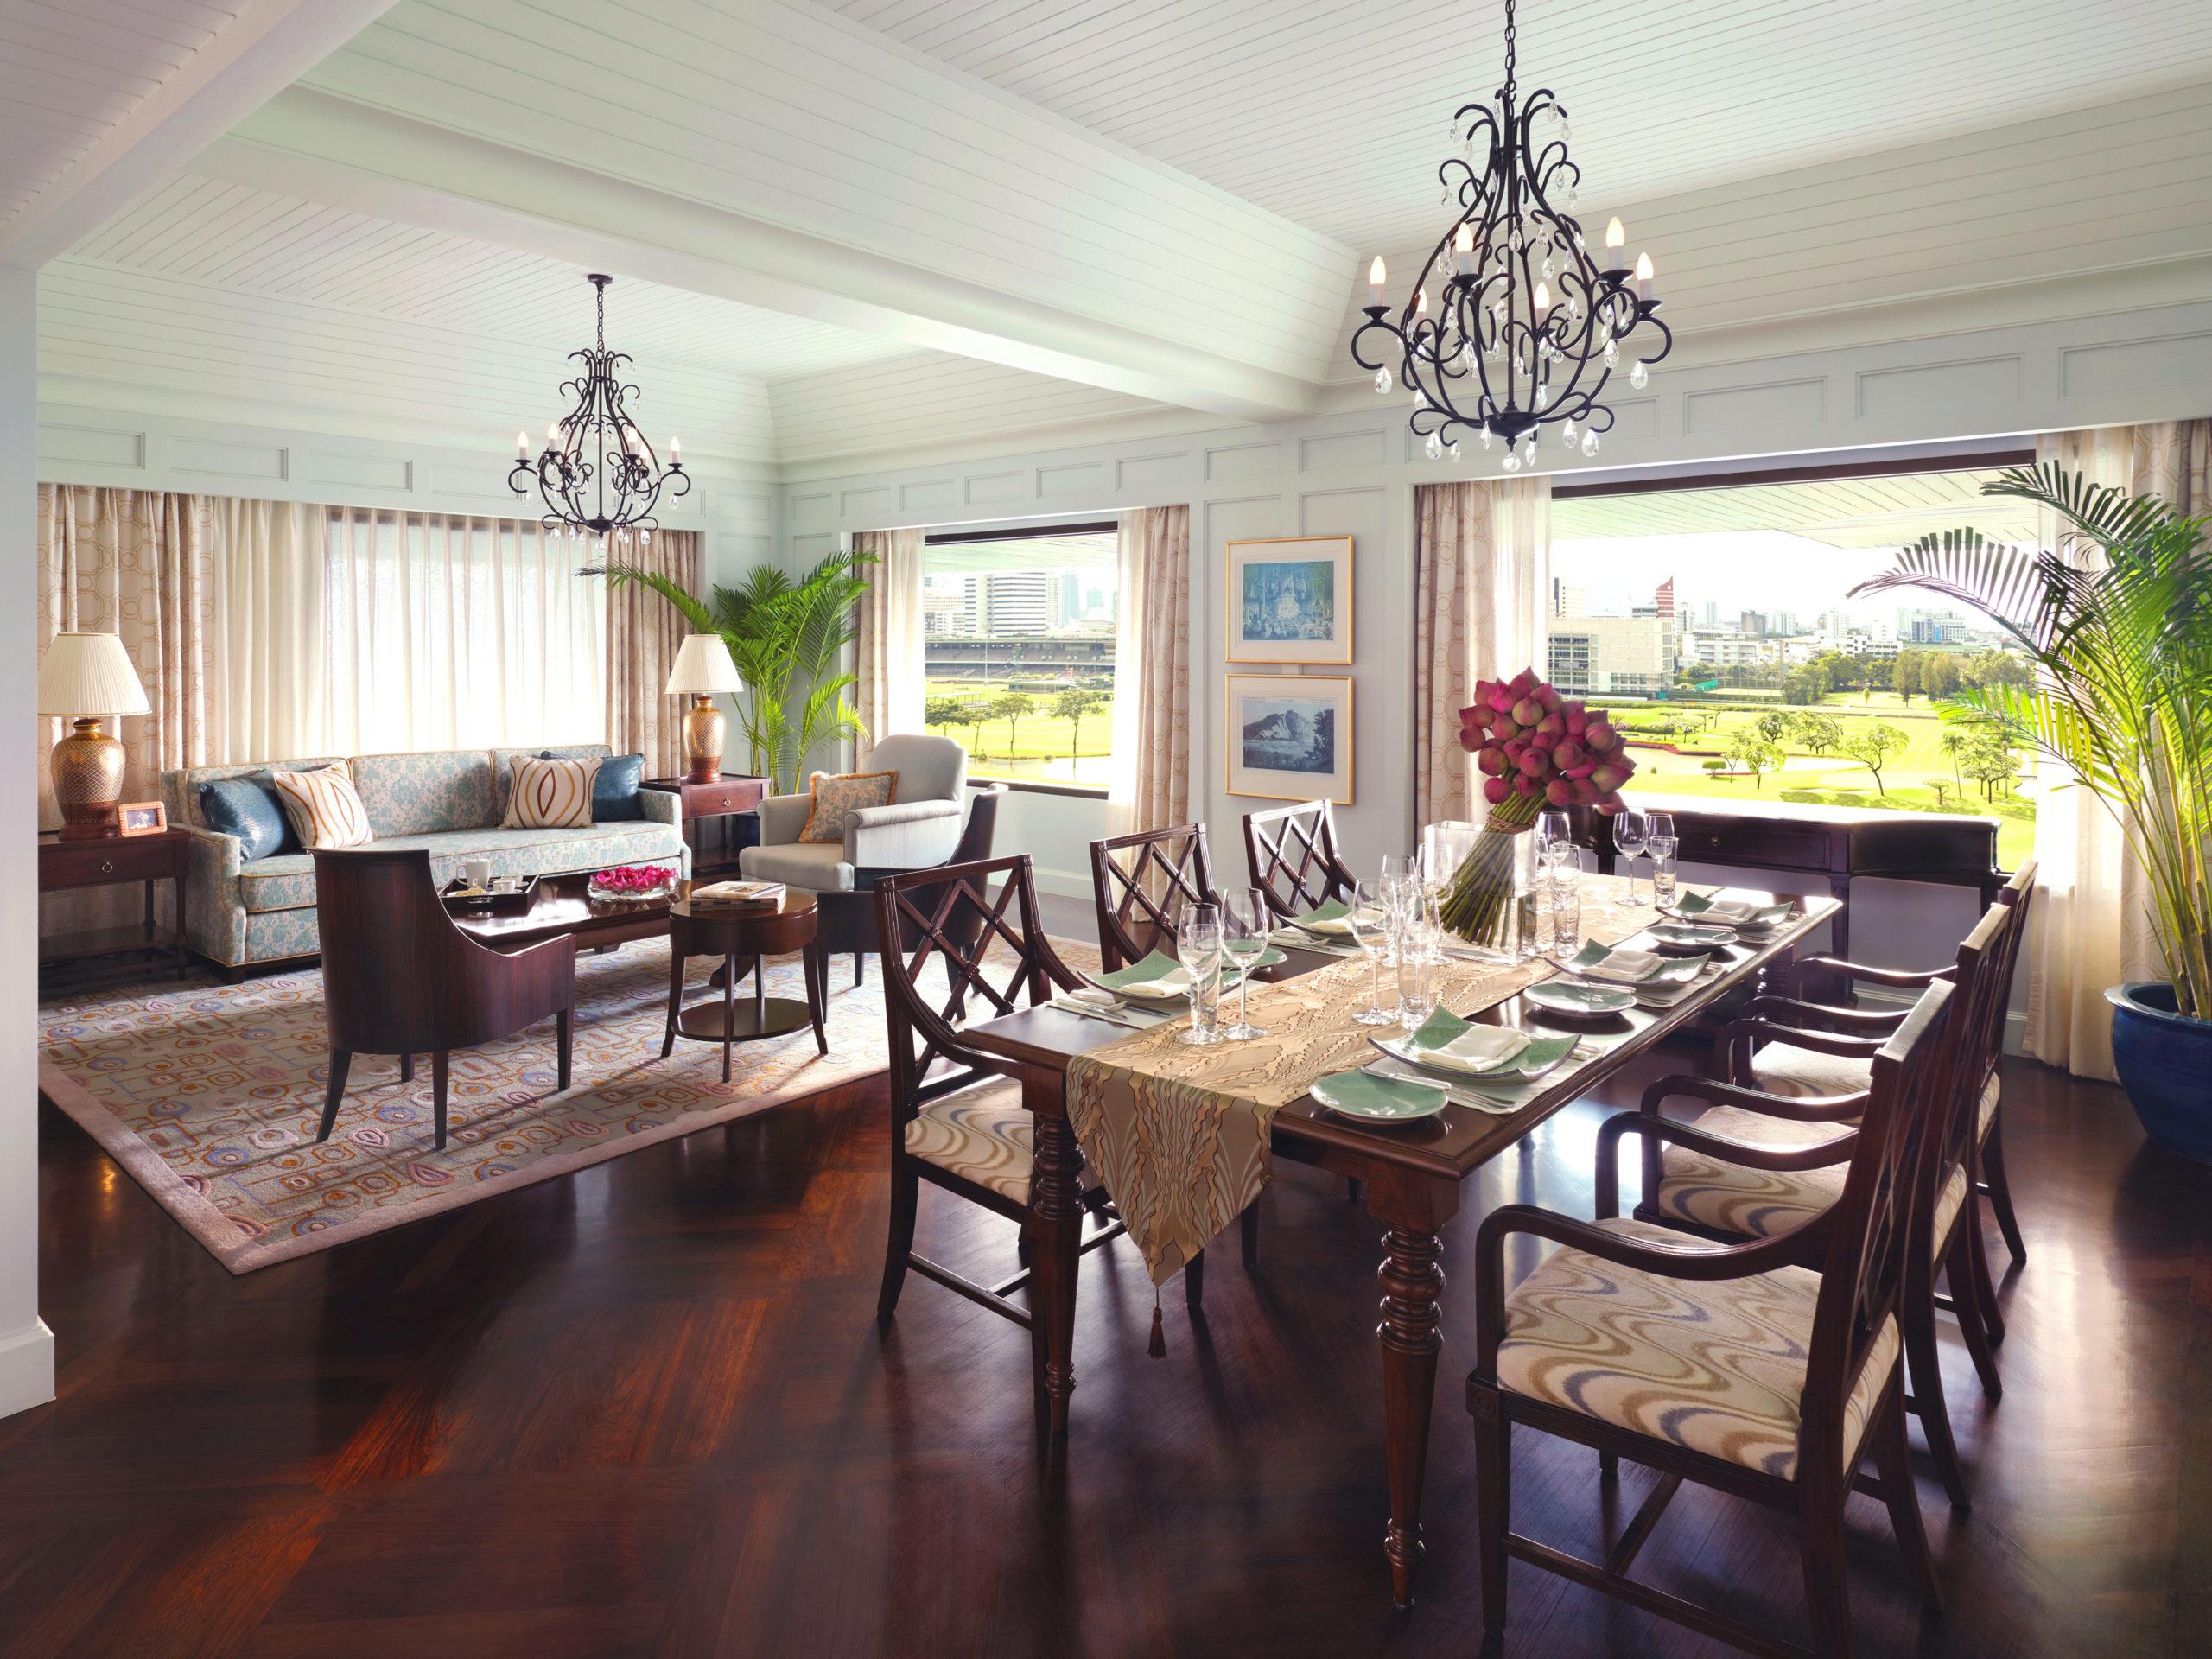 Anantara Siam, private dining, suite life